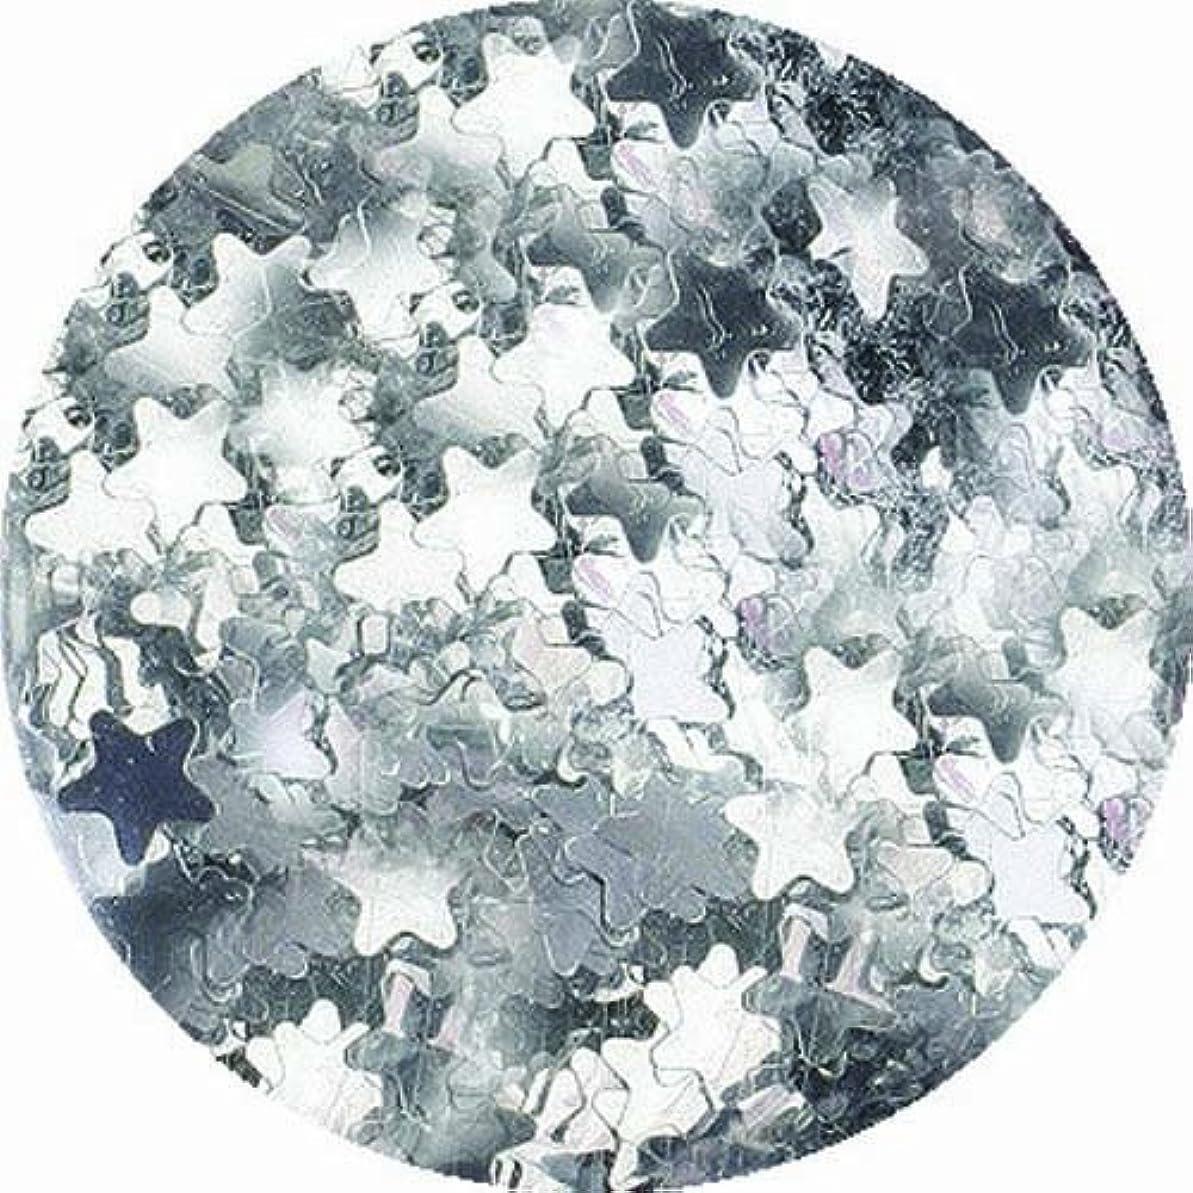 訴える保護詩人ビューティーネイラー ネイル用パウダー 黒崎えり子 ジュエリーコレクション シルバースター